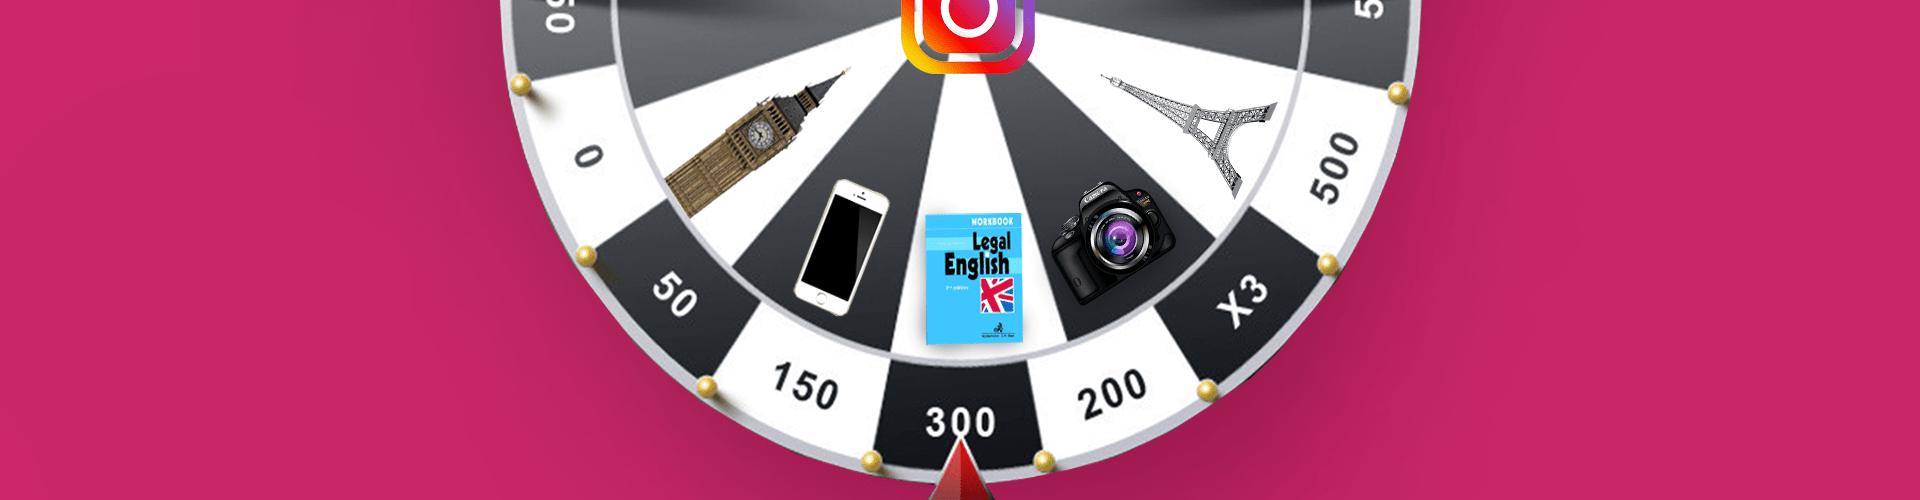 сектор приз, учебник английского, телефон, фотоаппарат